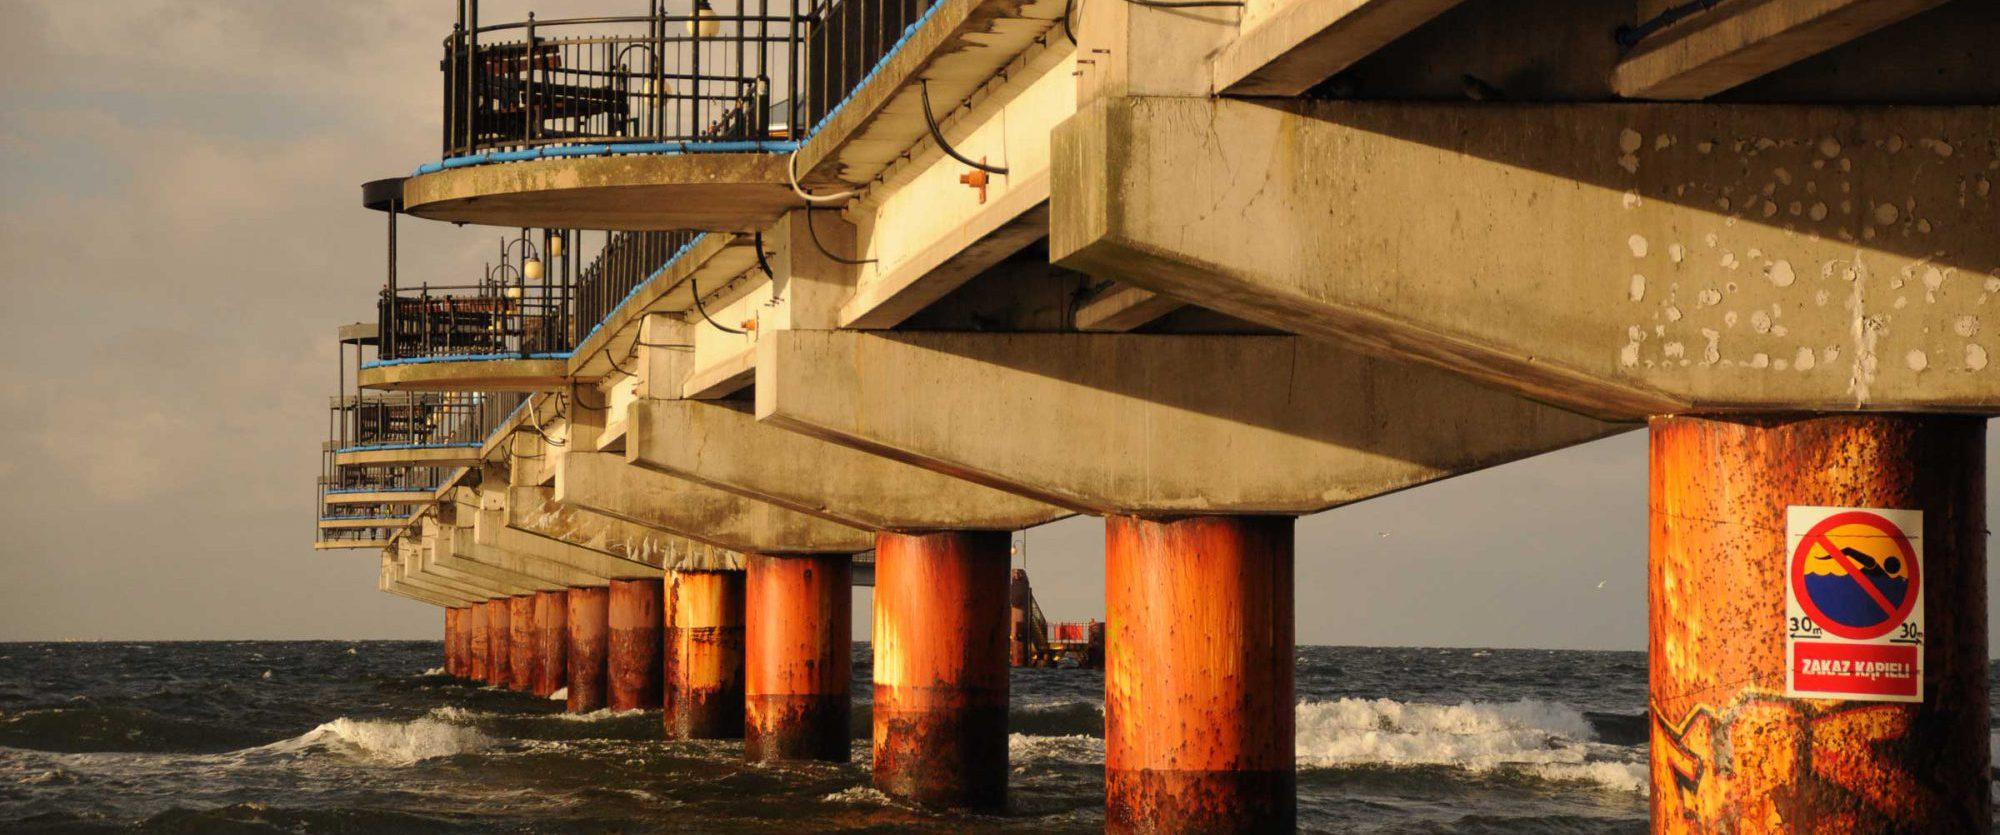 Am Strand von Misdroy in Polen 4